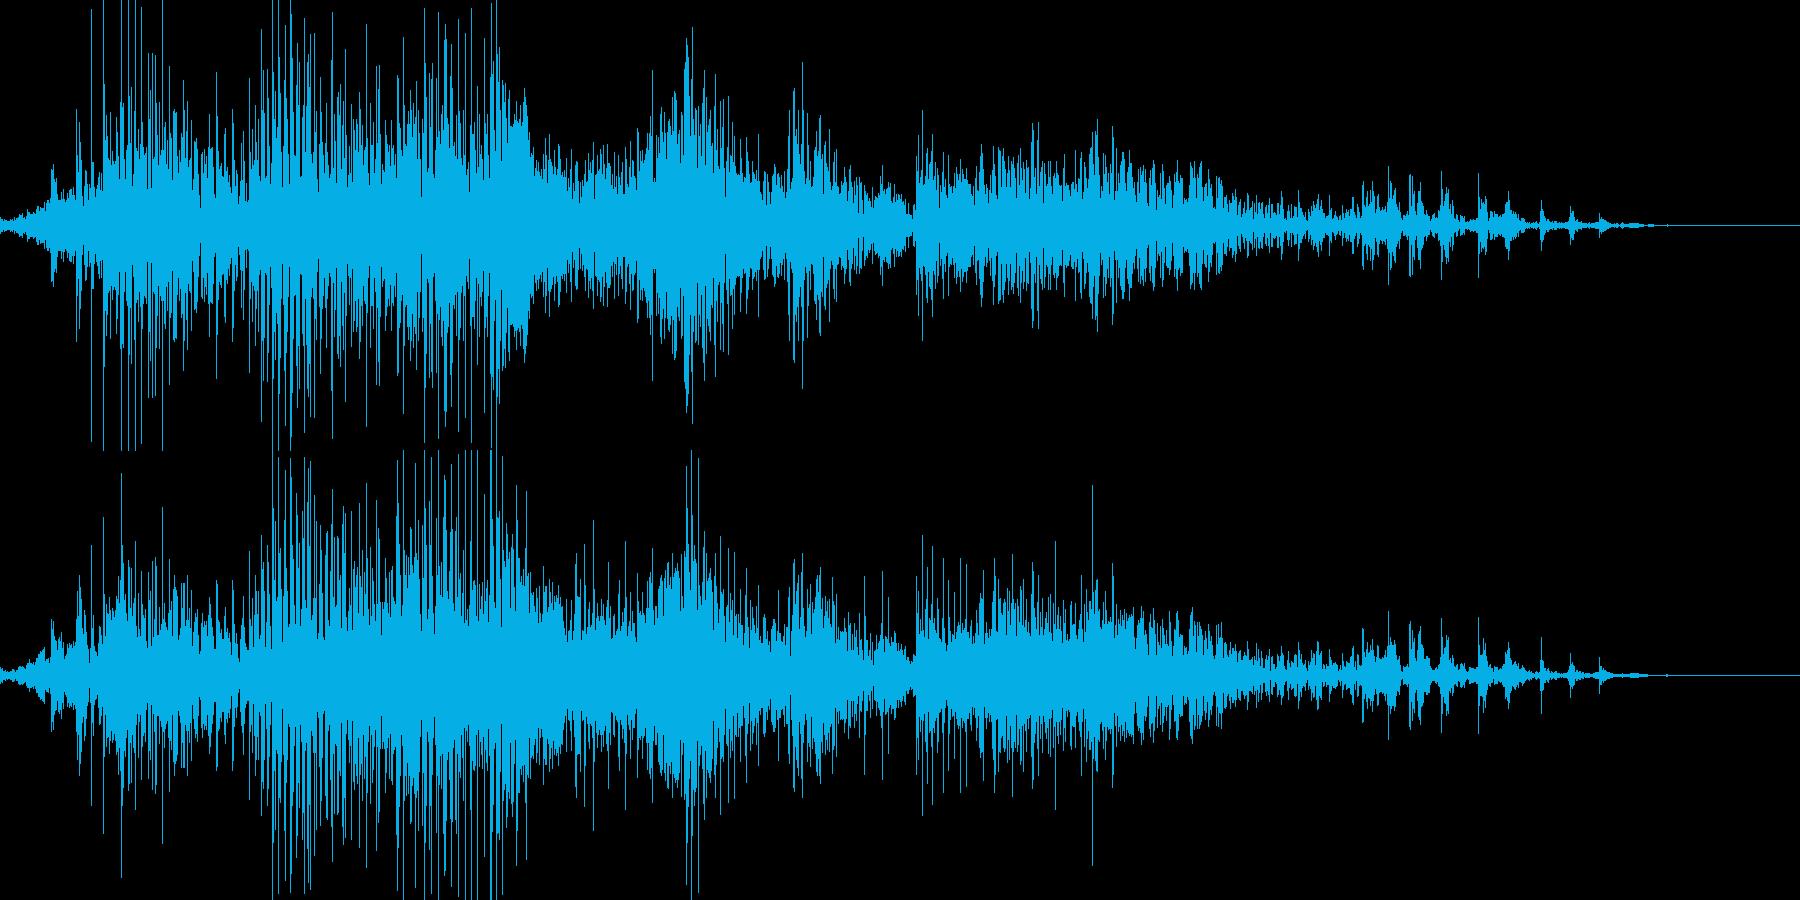 ジッパーの開閉音の再生済みの波形